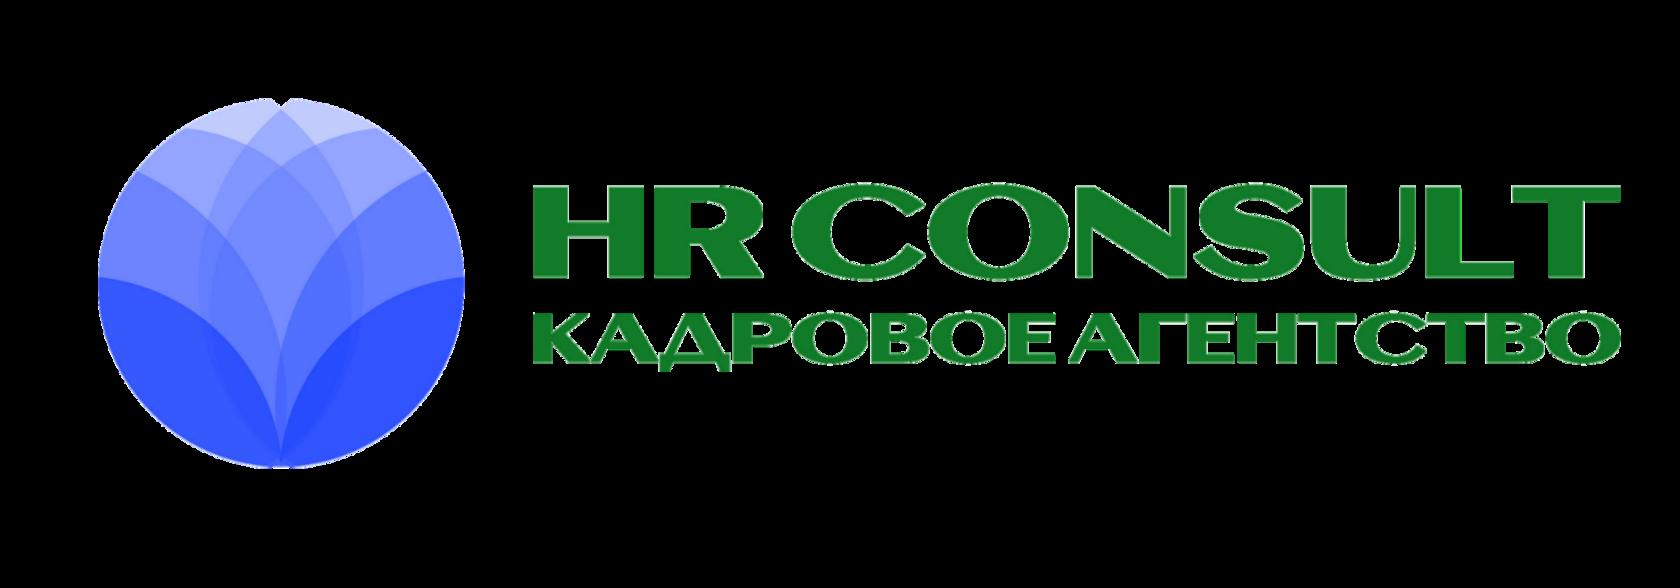 Кадровое агентство по подбору персонала HR CONSULT